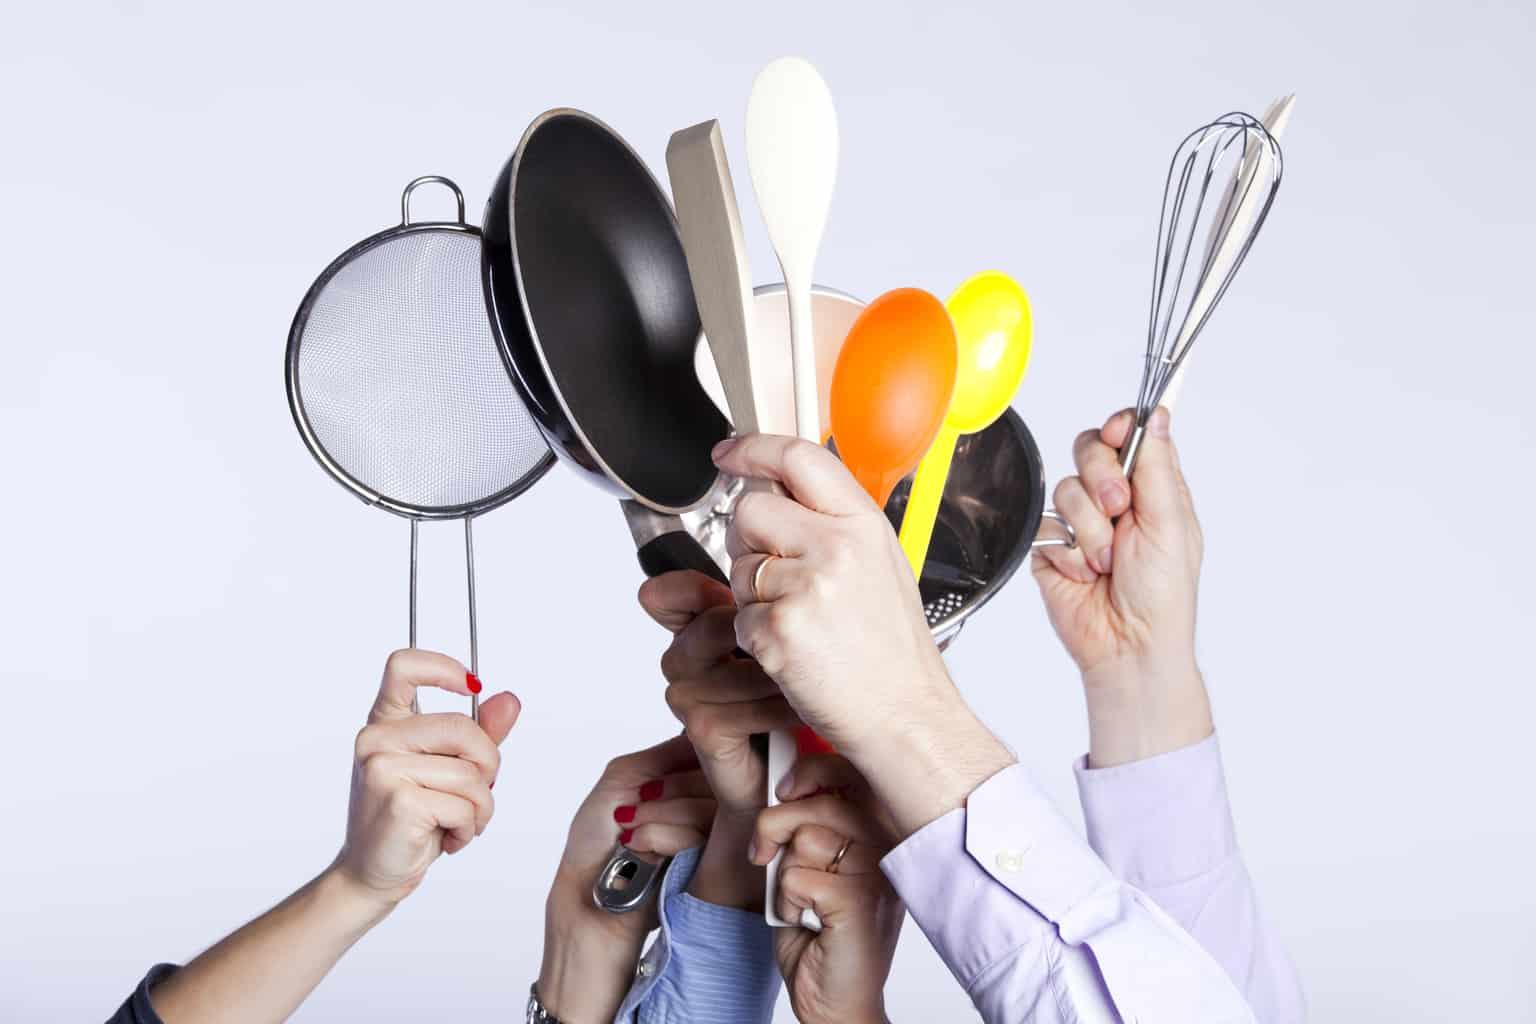 Warning: Stop using this kitchenware (causes brain damage)